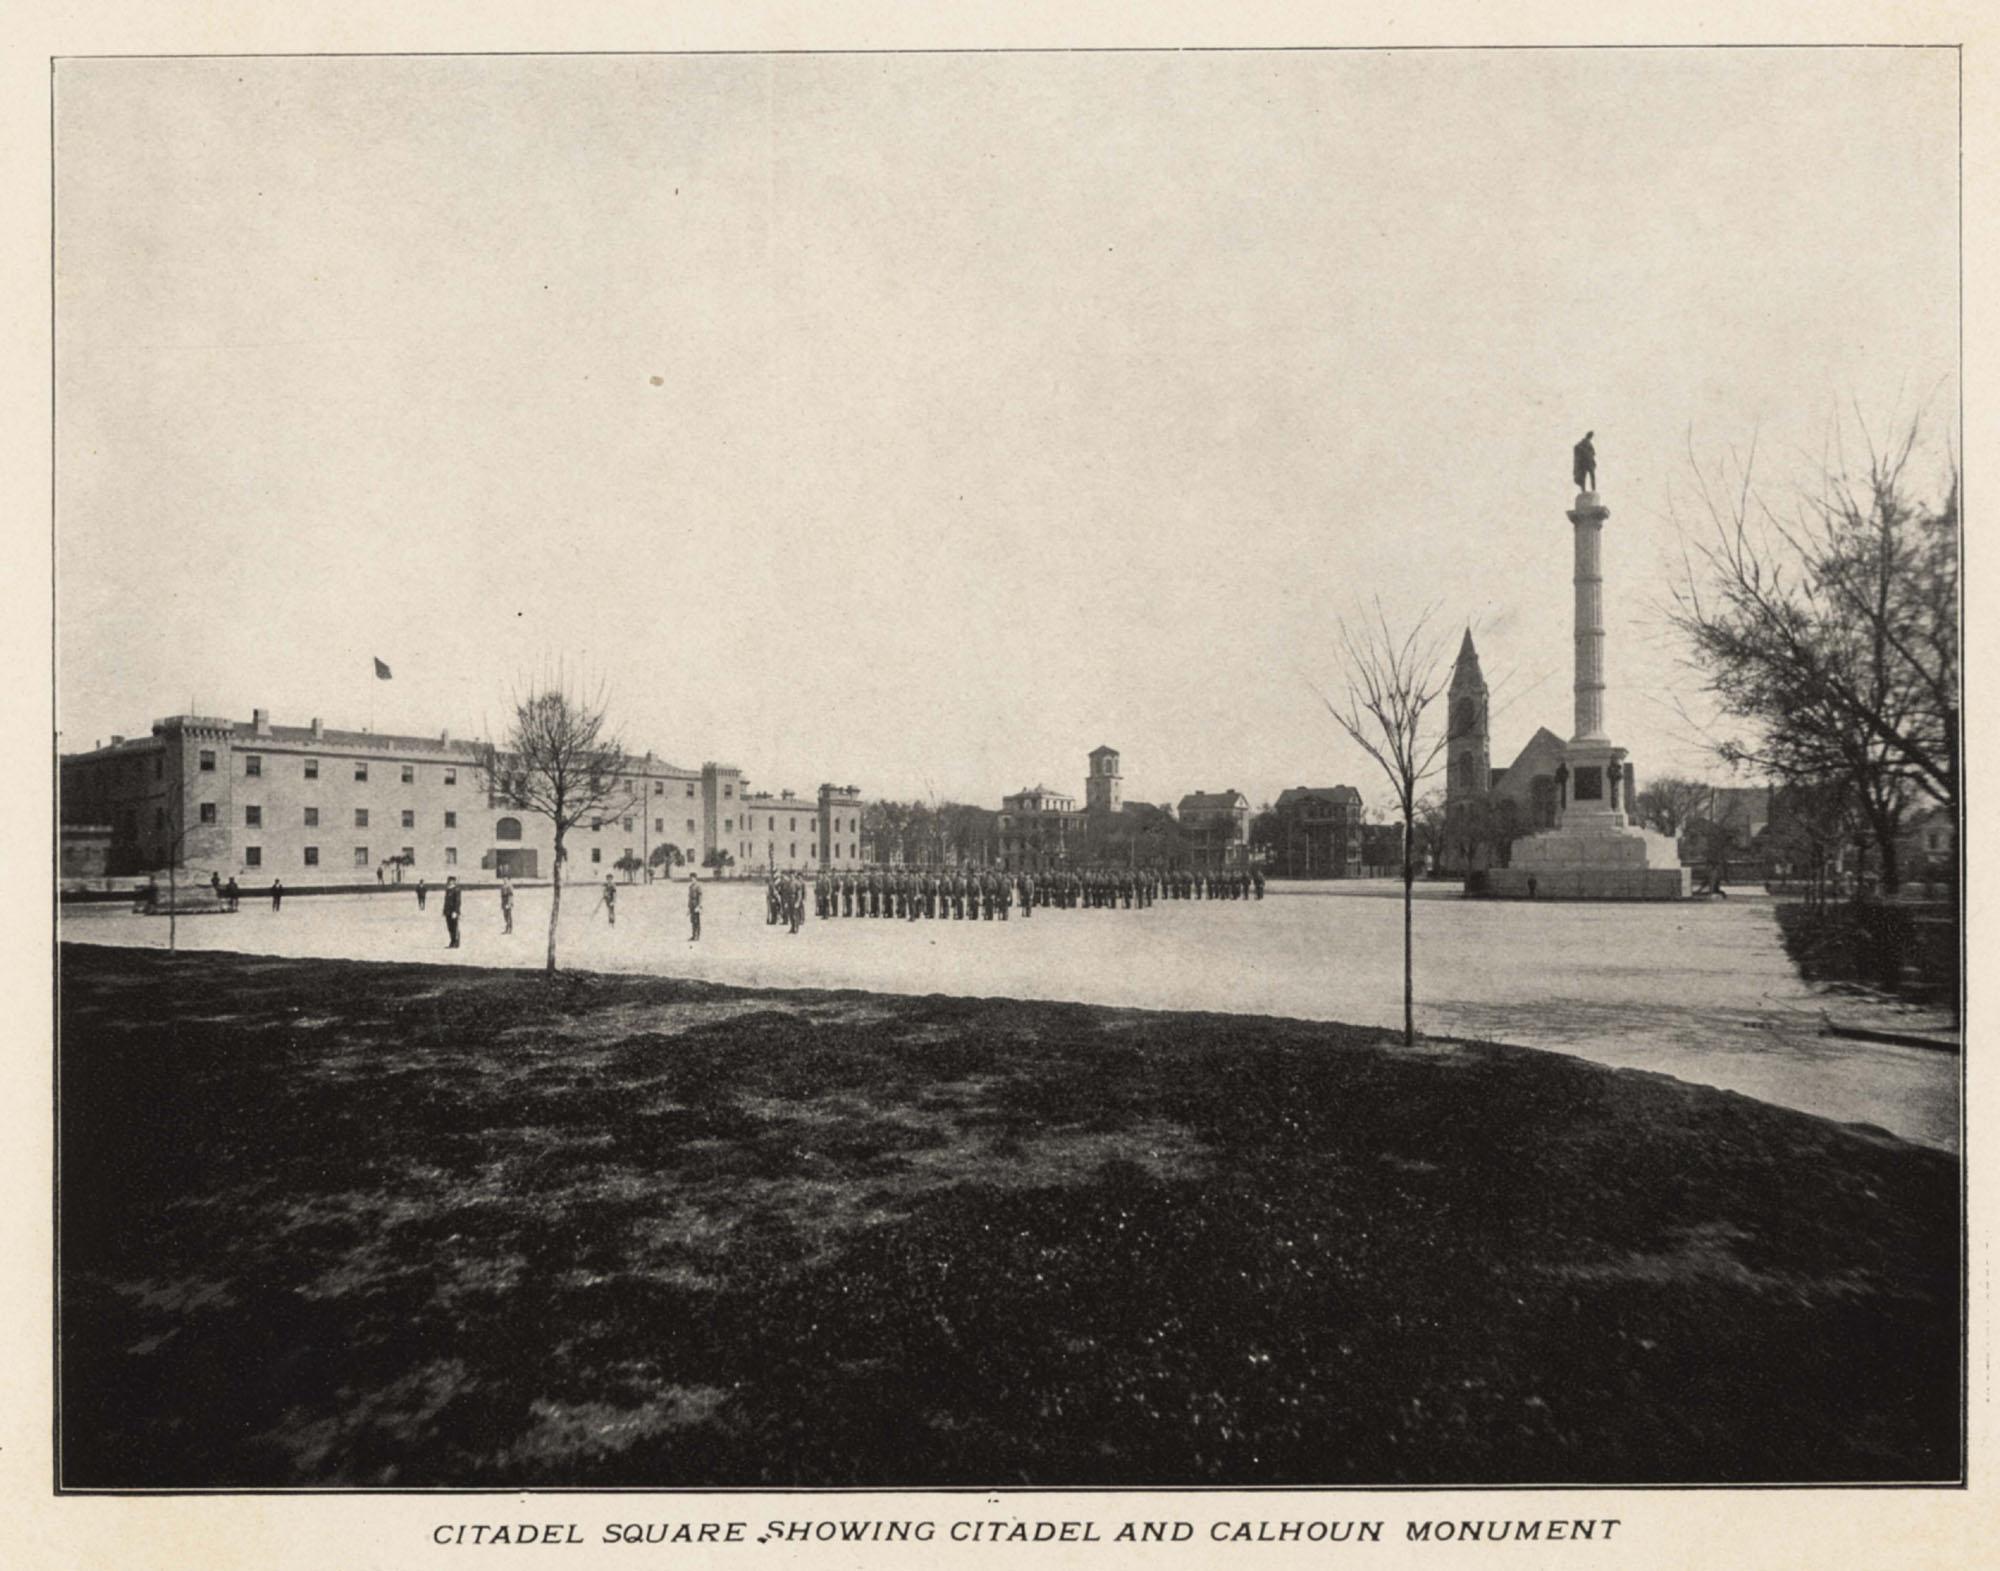 Citadel Square